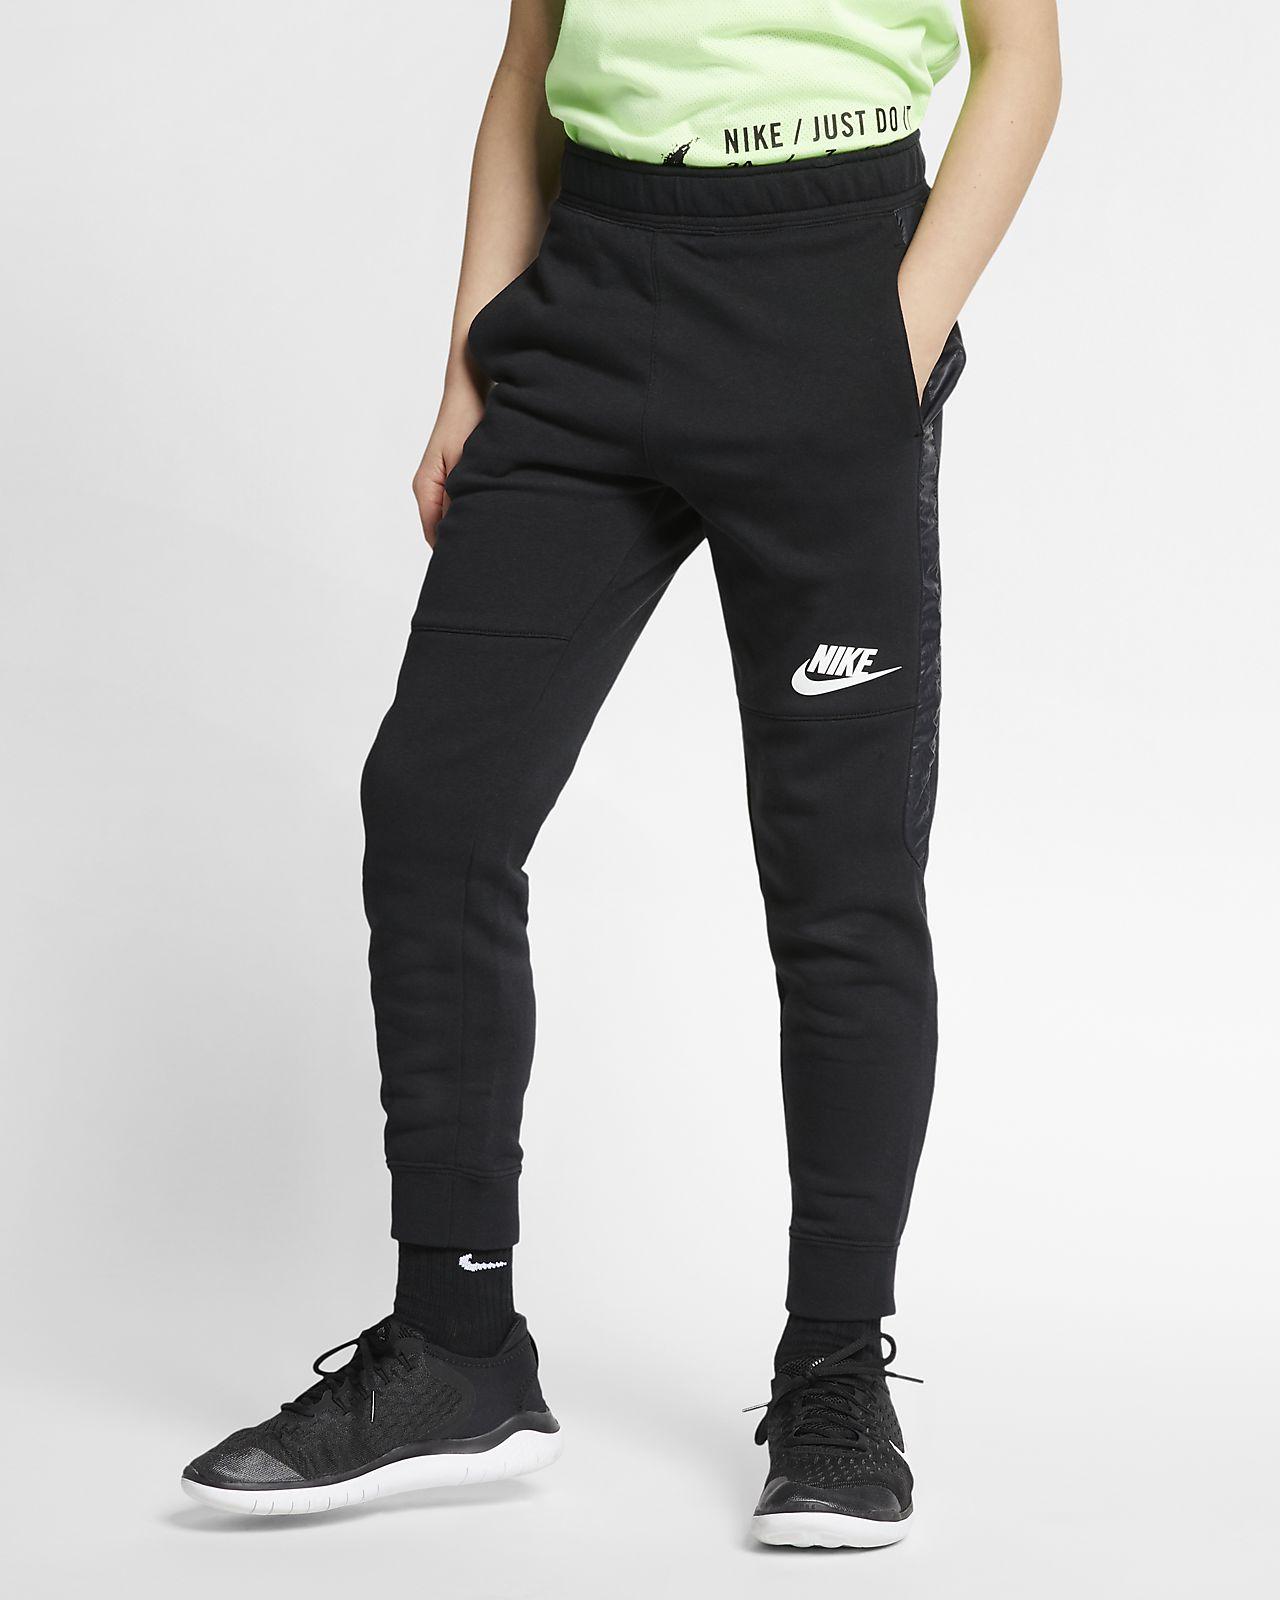 Παντελόνι φόρμας Nike Sportswear για μεγάλα παιδιά